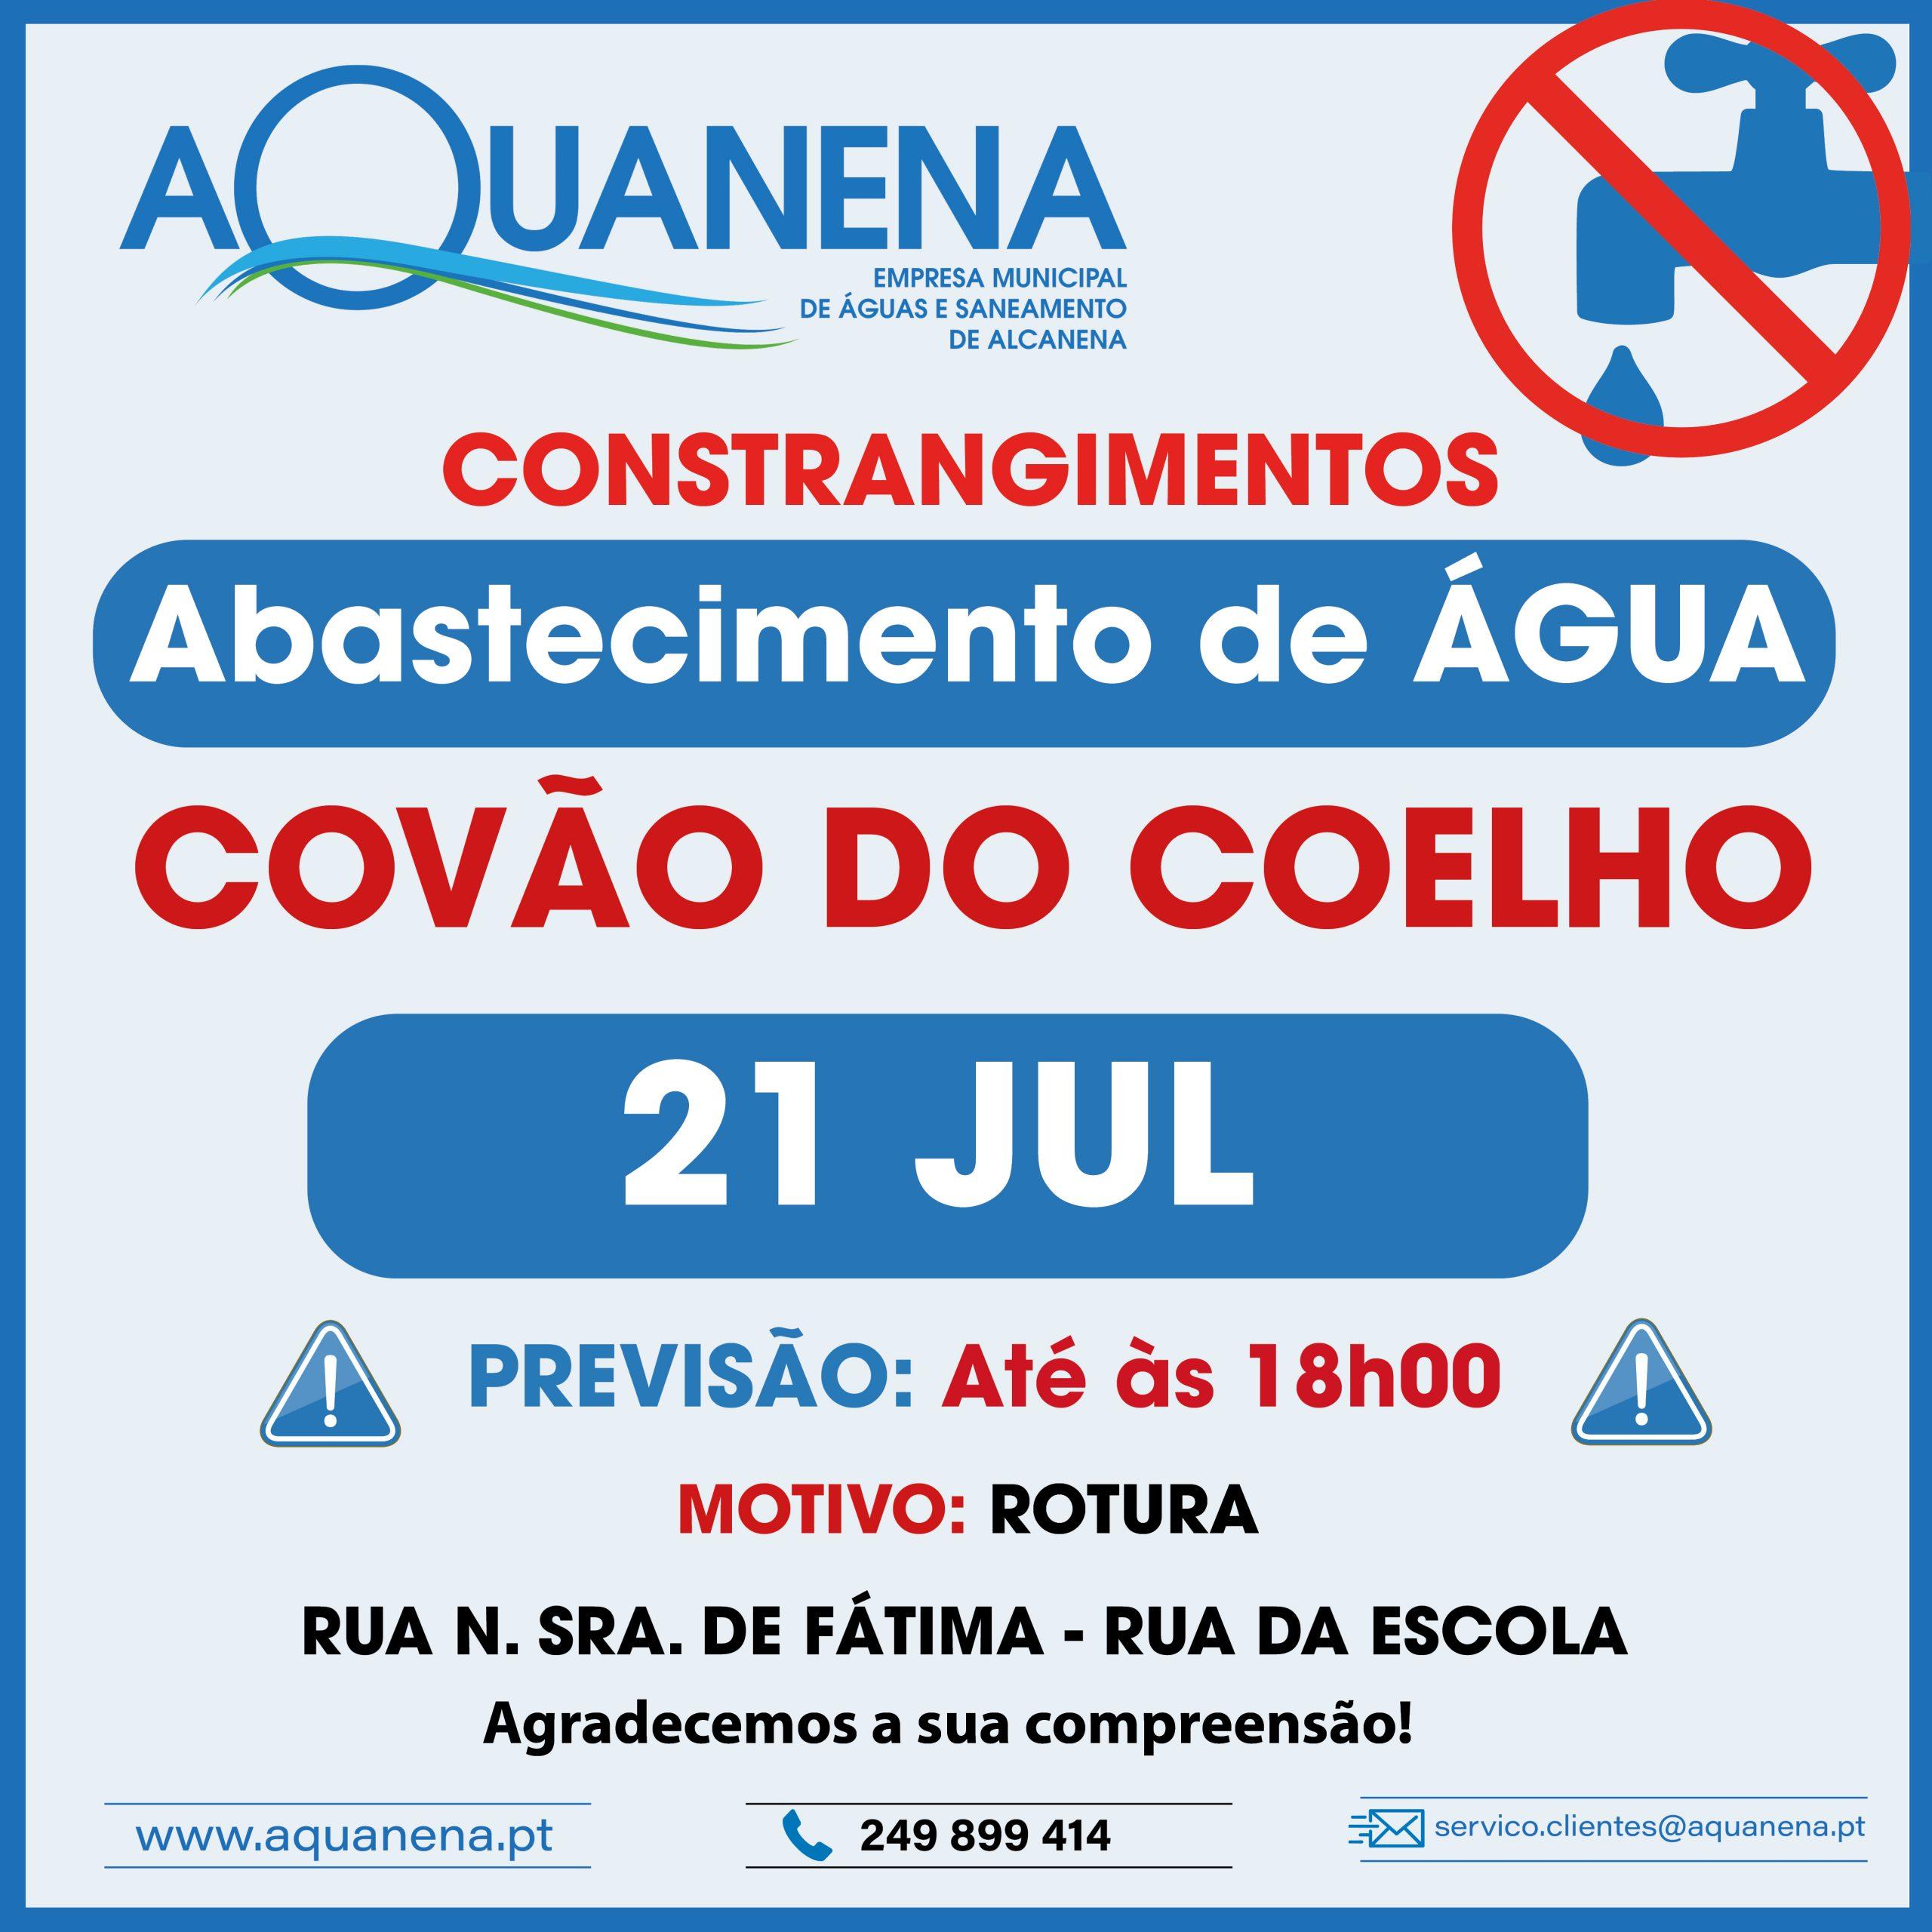 CONSTRANGIMENTOS de abastecimento de água em COVÃO DO COELHO – 21 JUL